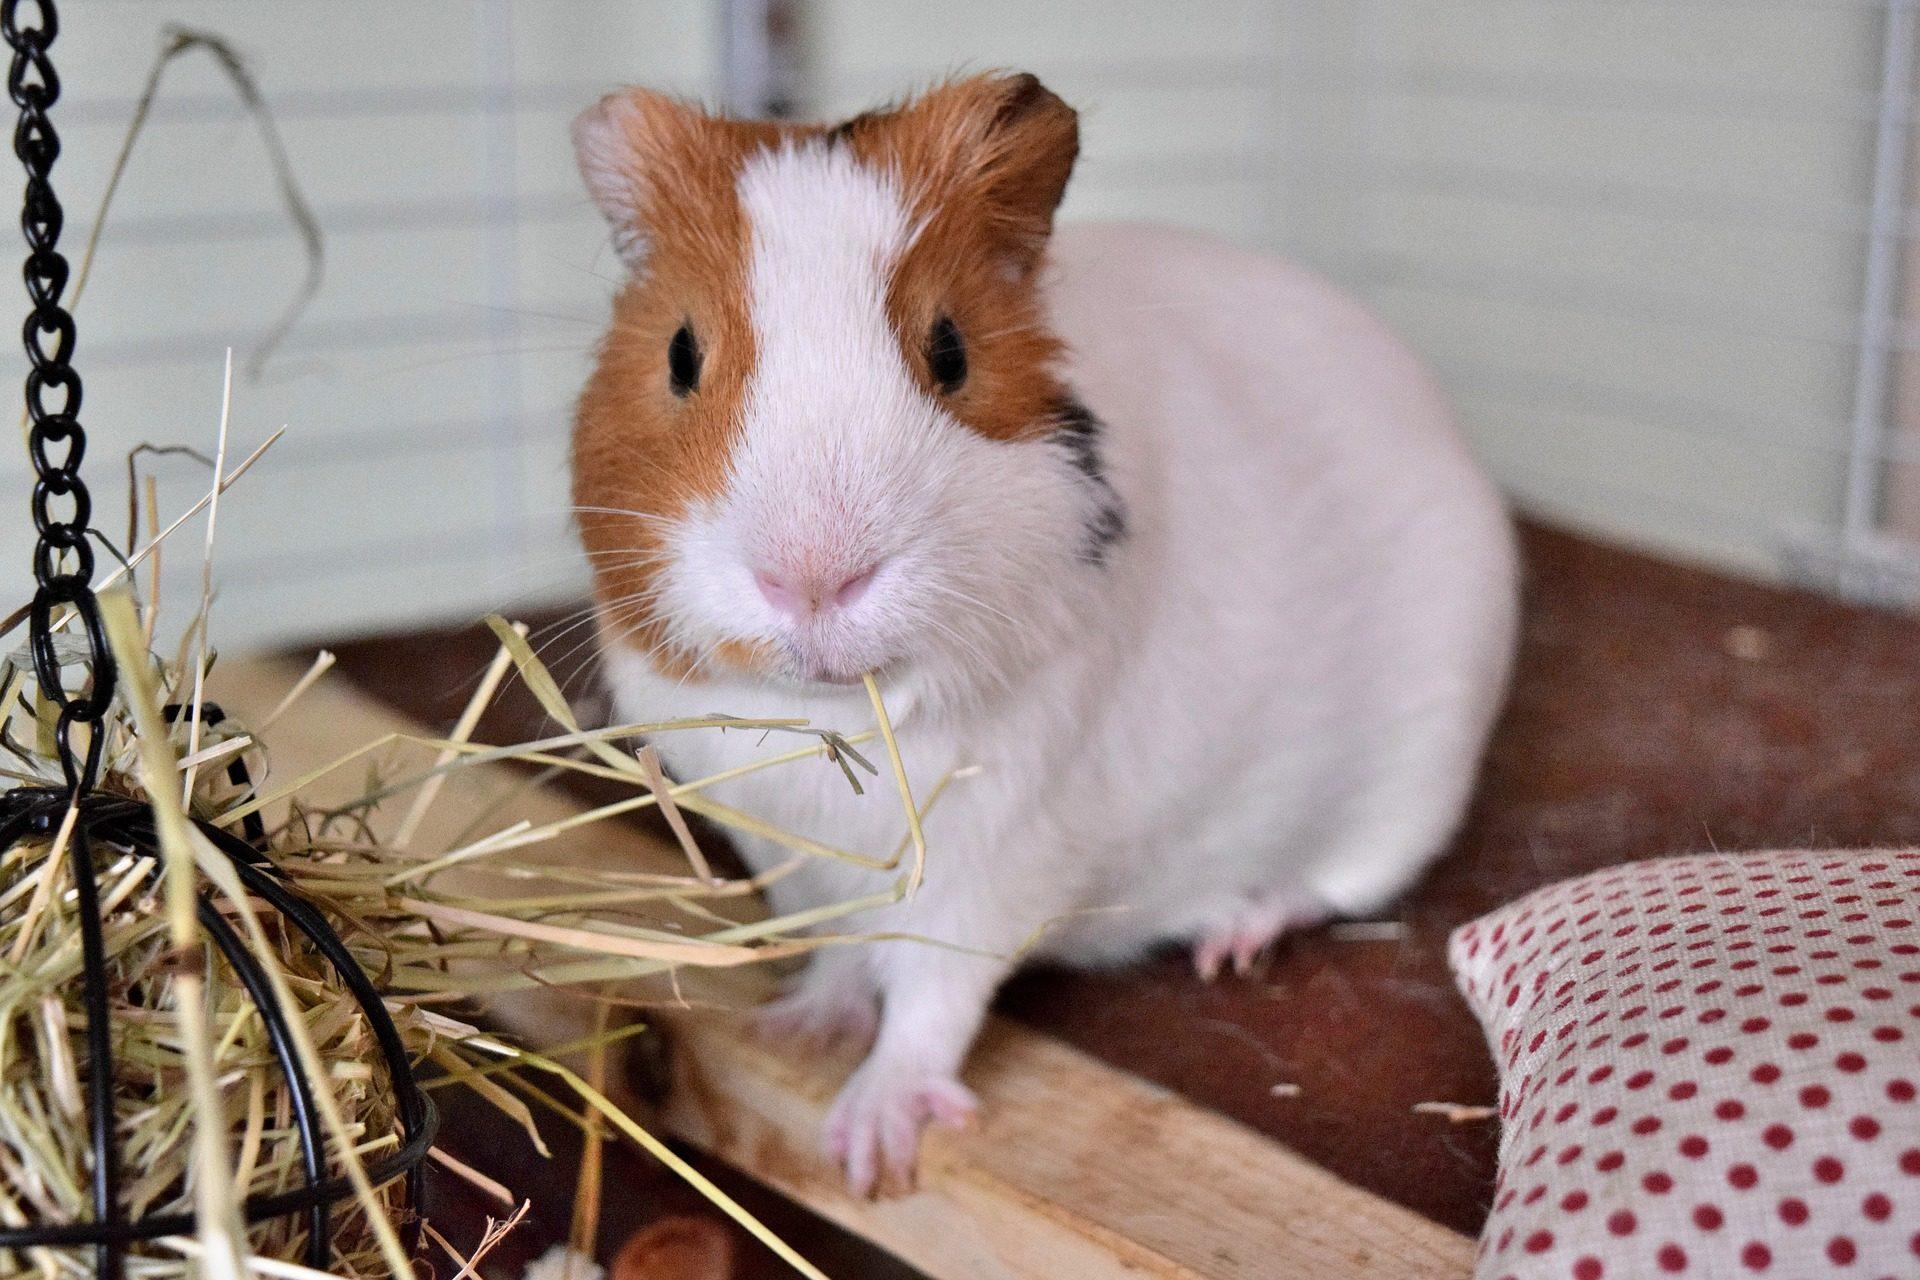 conejillo de india, cobaya, mascota, roedor, pelaje, mirada - Fondos de Pantalla HD - professor-falken.com